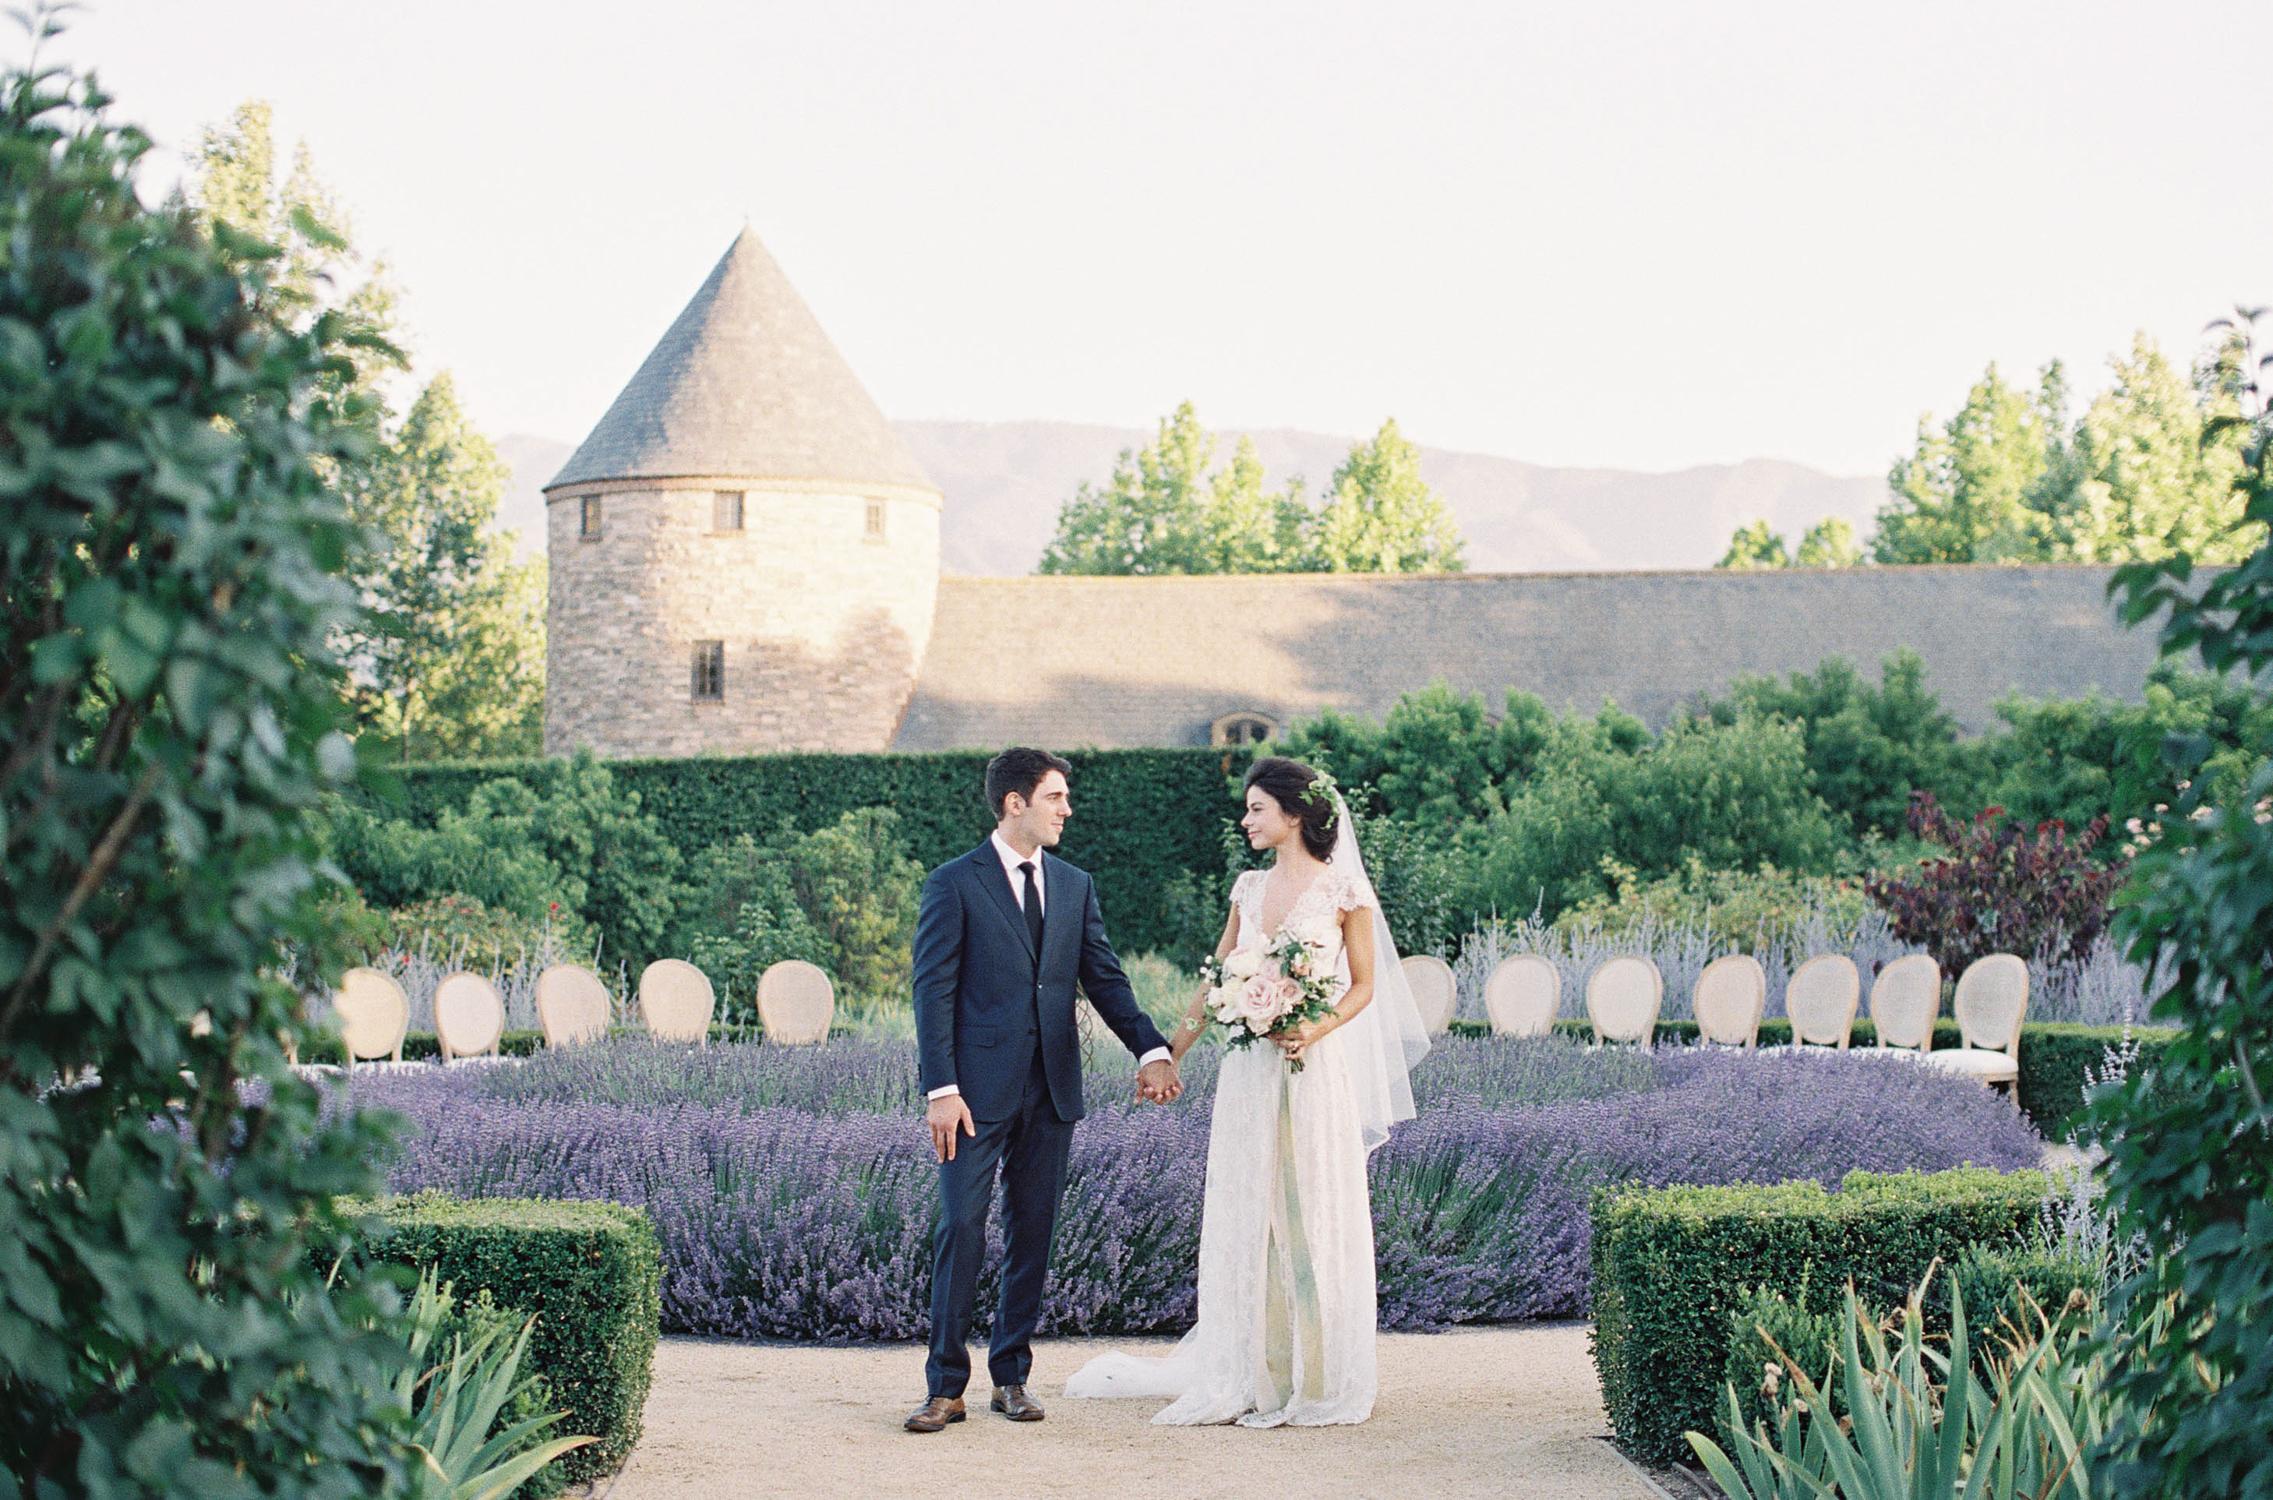 kestrel-park-wedding-30.jpg